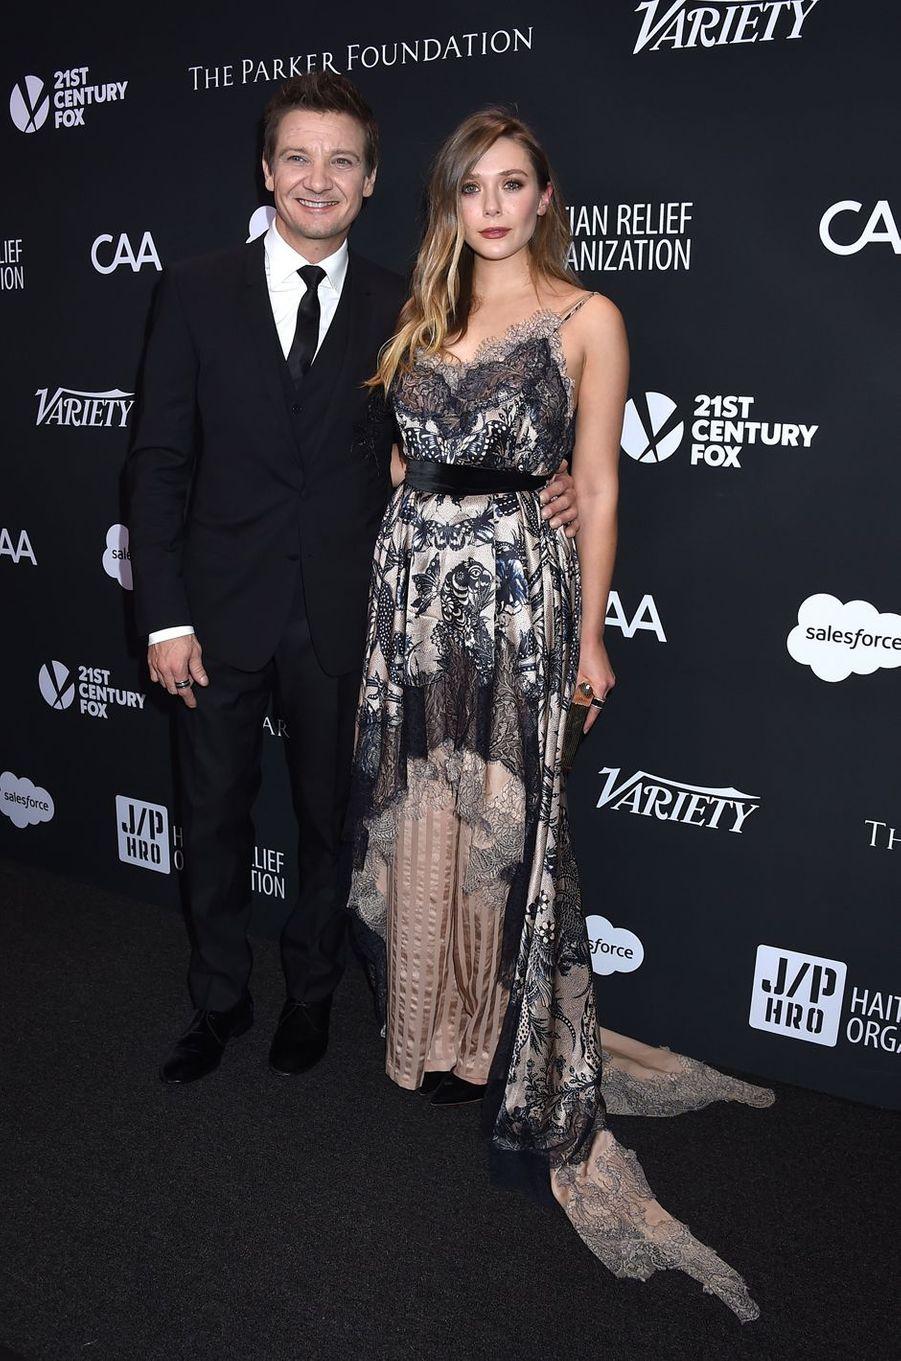 Jeremy Renner et Elizabeth Olsenau gala de la J/P Haitian Relief Organization, la fondation de Sean Penn, à Beverly Hills, le 7 janvier 2017.